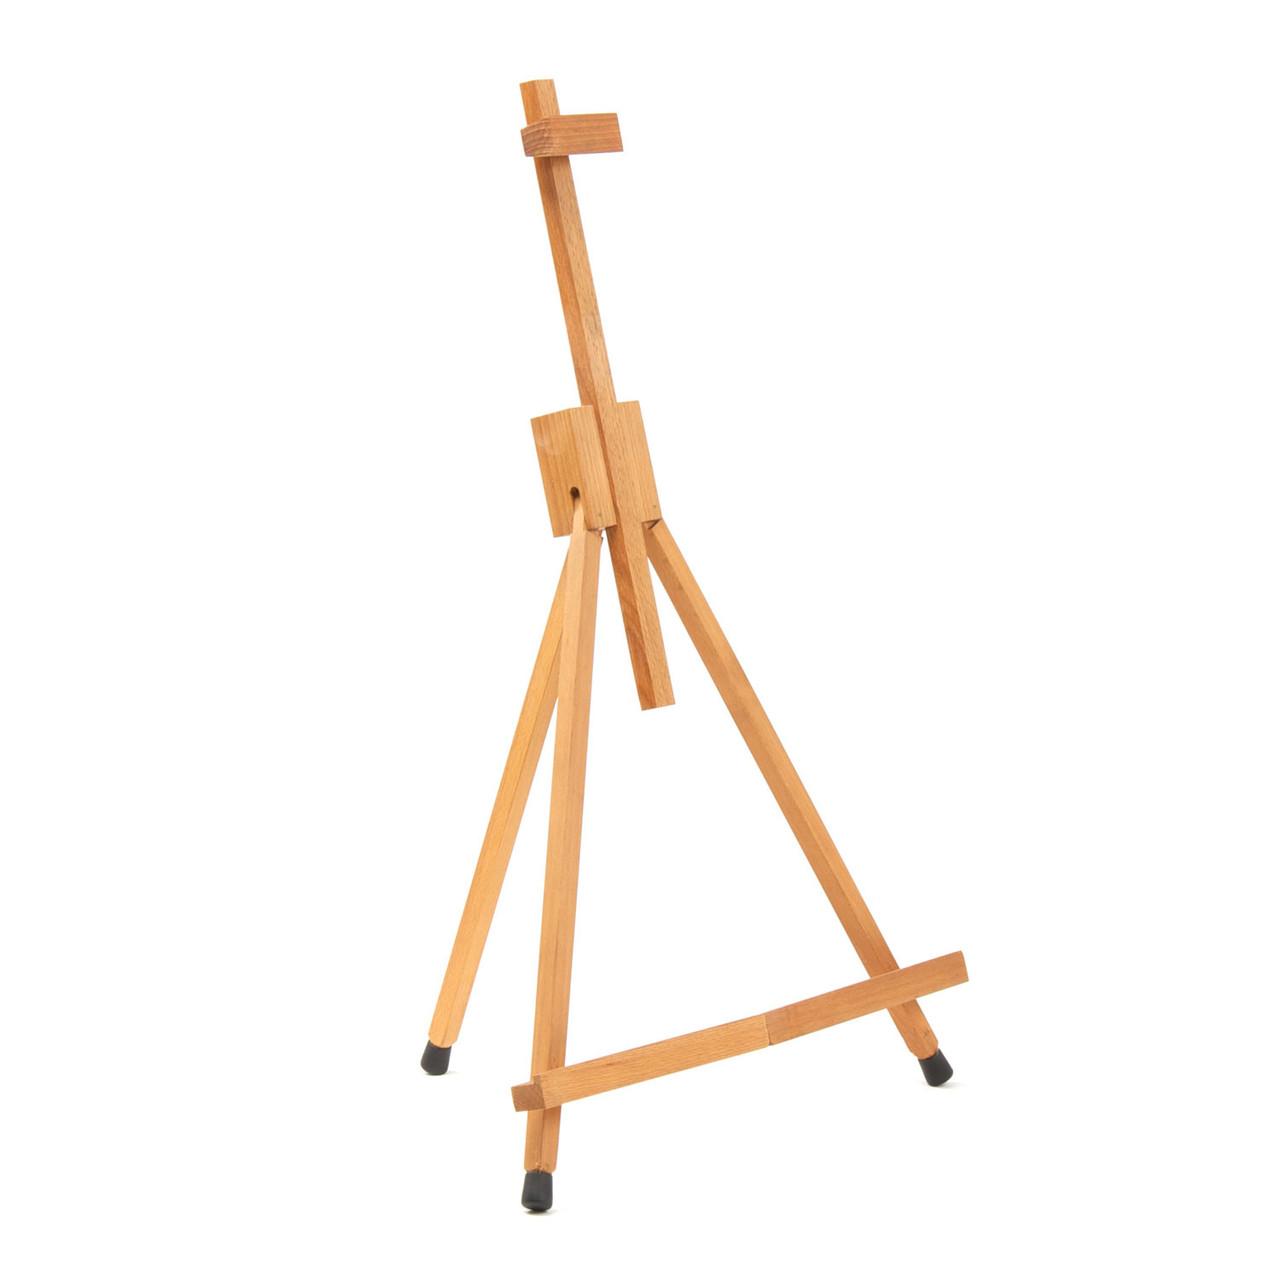 Мольберт настольный художественный деревянный бук New Energy №14